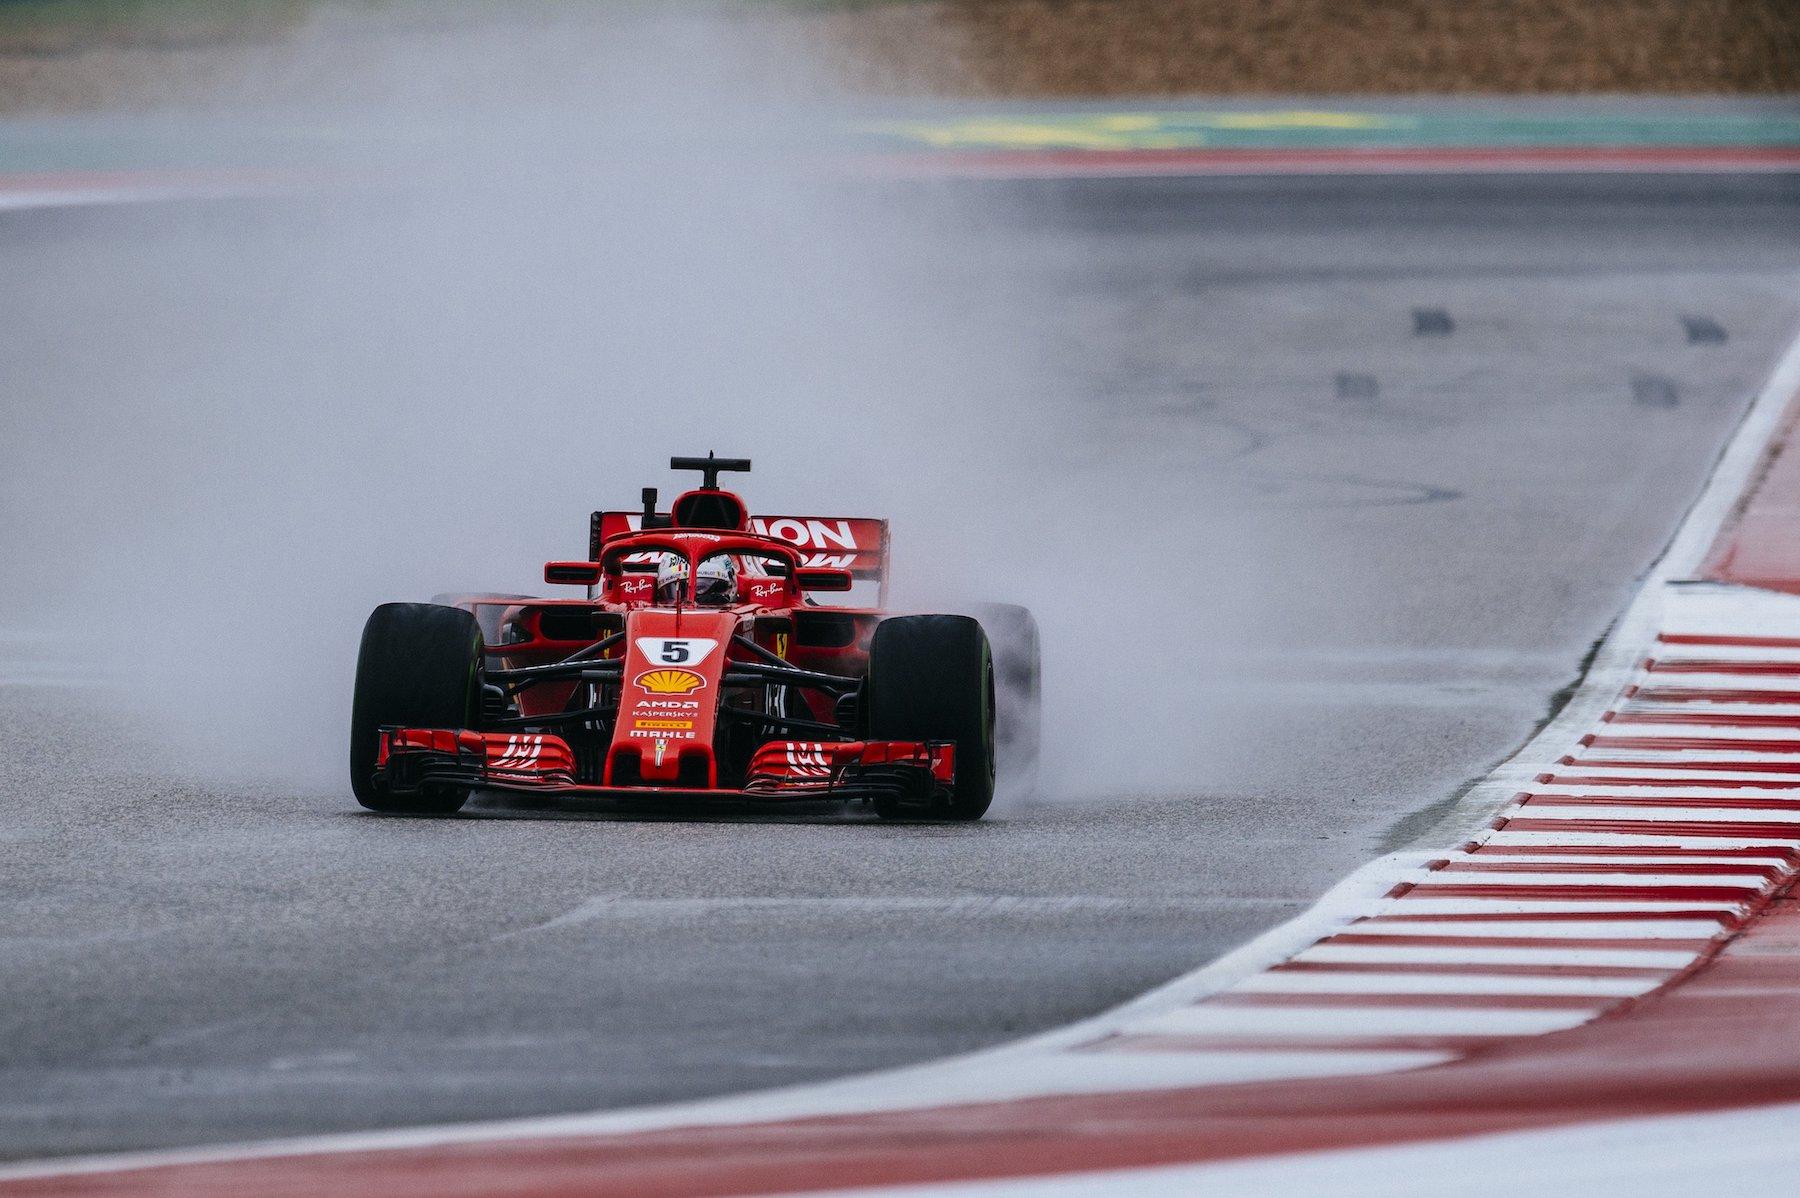 4 2018 Sebastian Vettel | Ferrari SF71H | 2018 USGP FP2 4 copy.jpg